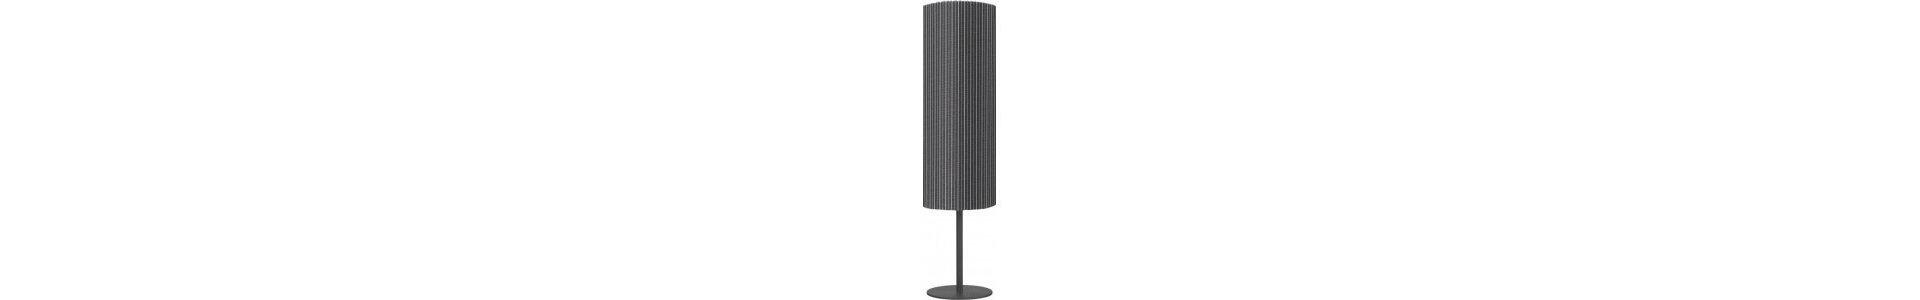 Golv & bordslampor